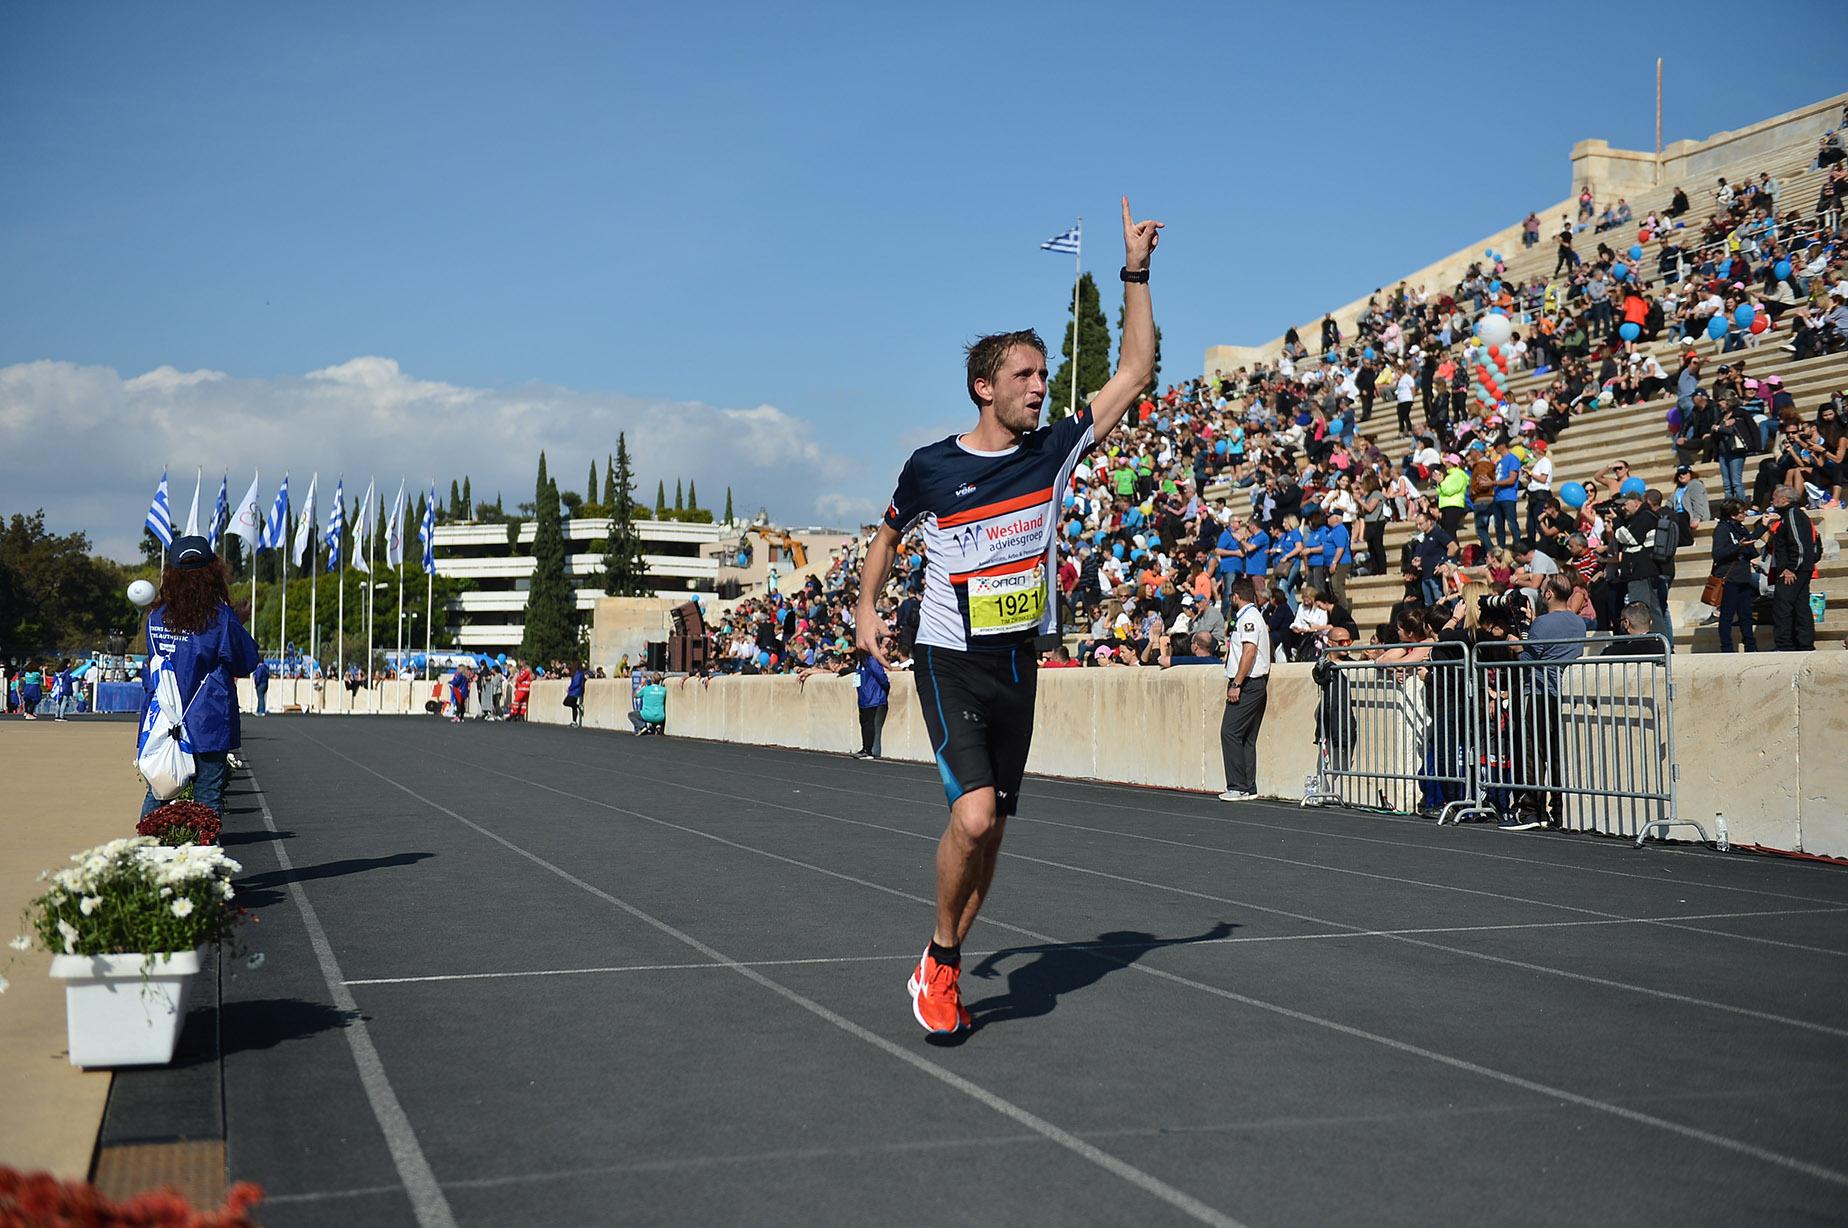 Tim aan de finish: victorie, blijdschap afzien en pijn...